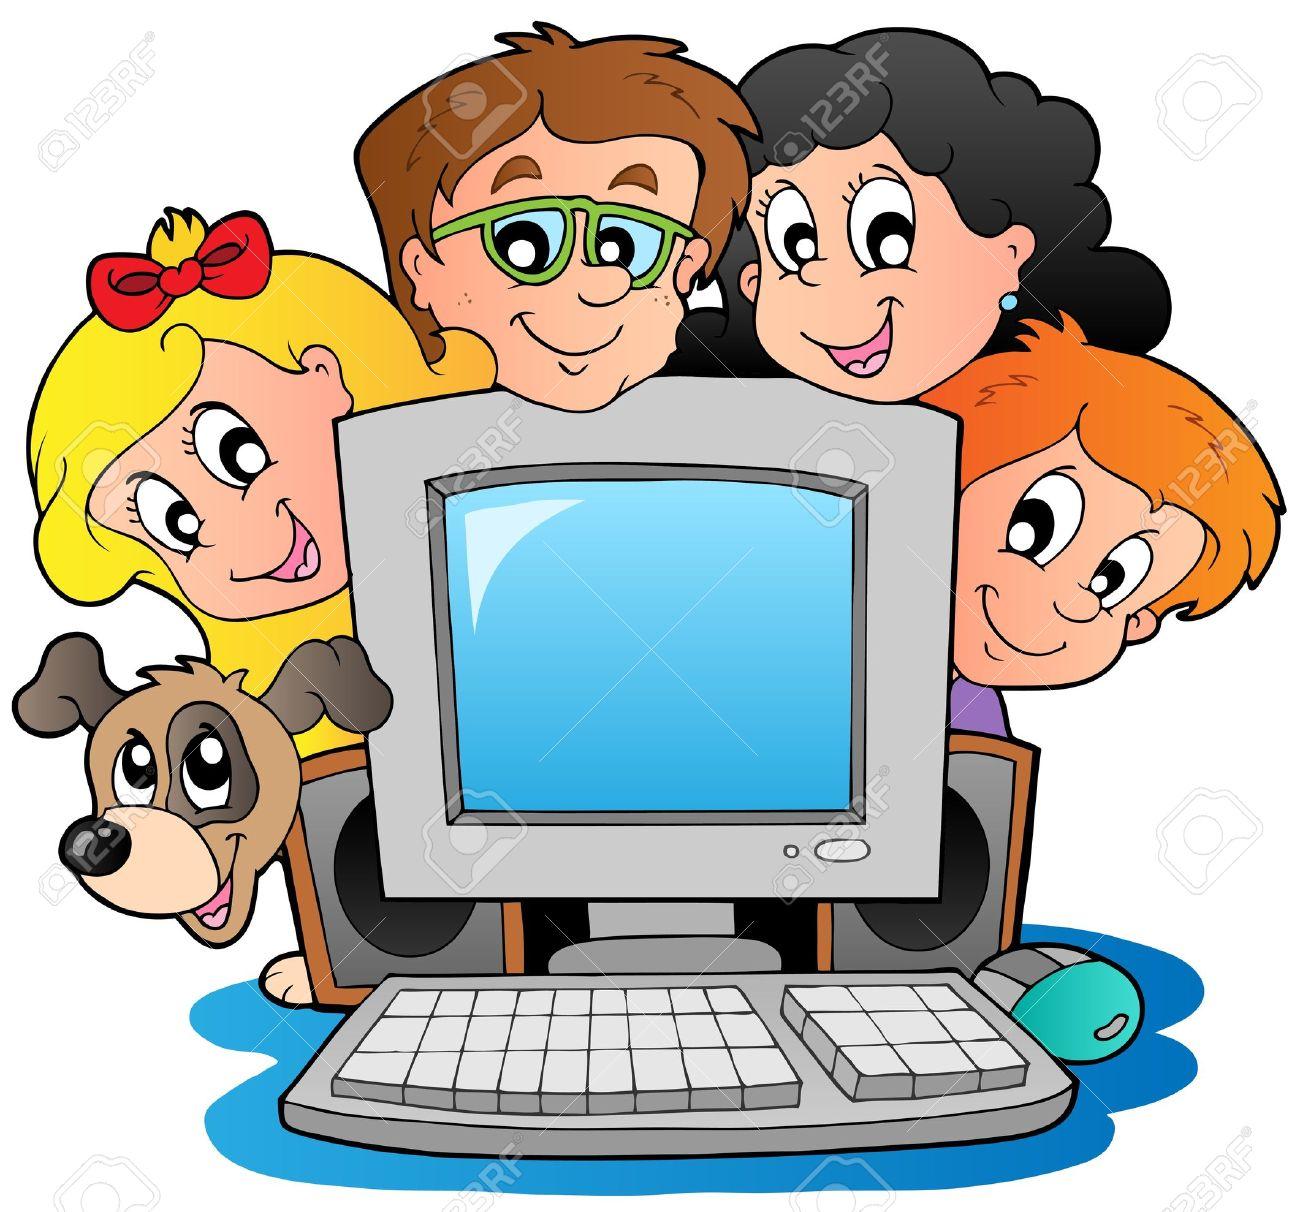 Ordinateur Avec Enfants De Dessin Anime Et Chien Clip Art Libres De Droits Vecteurs Et Illustration Image 10354188